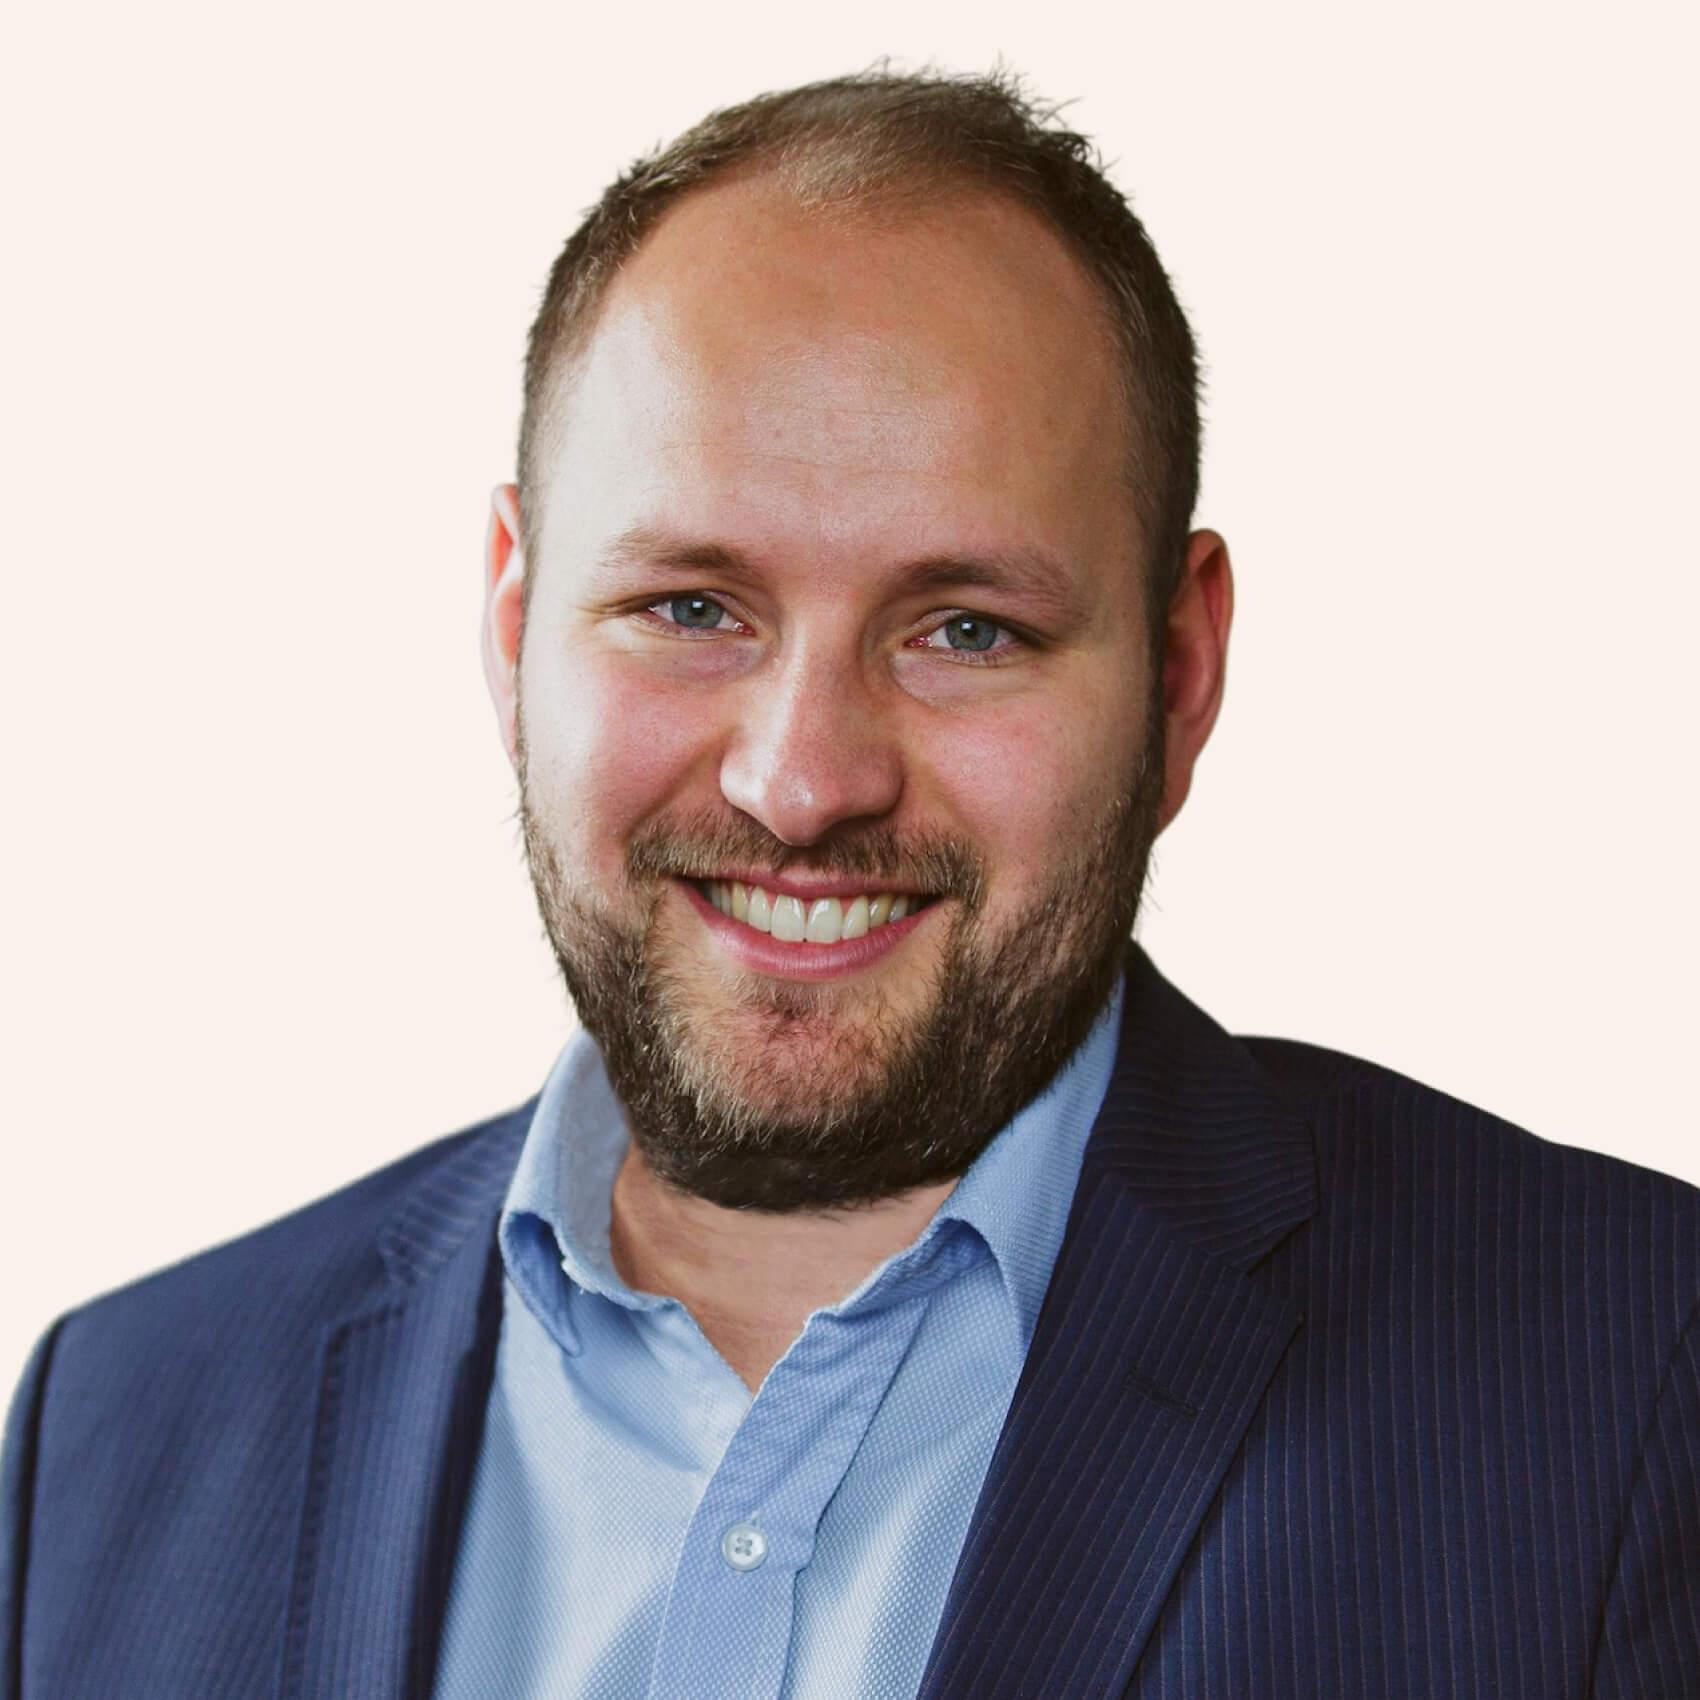 Head of sales, Pål Felix